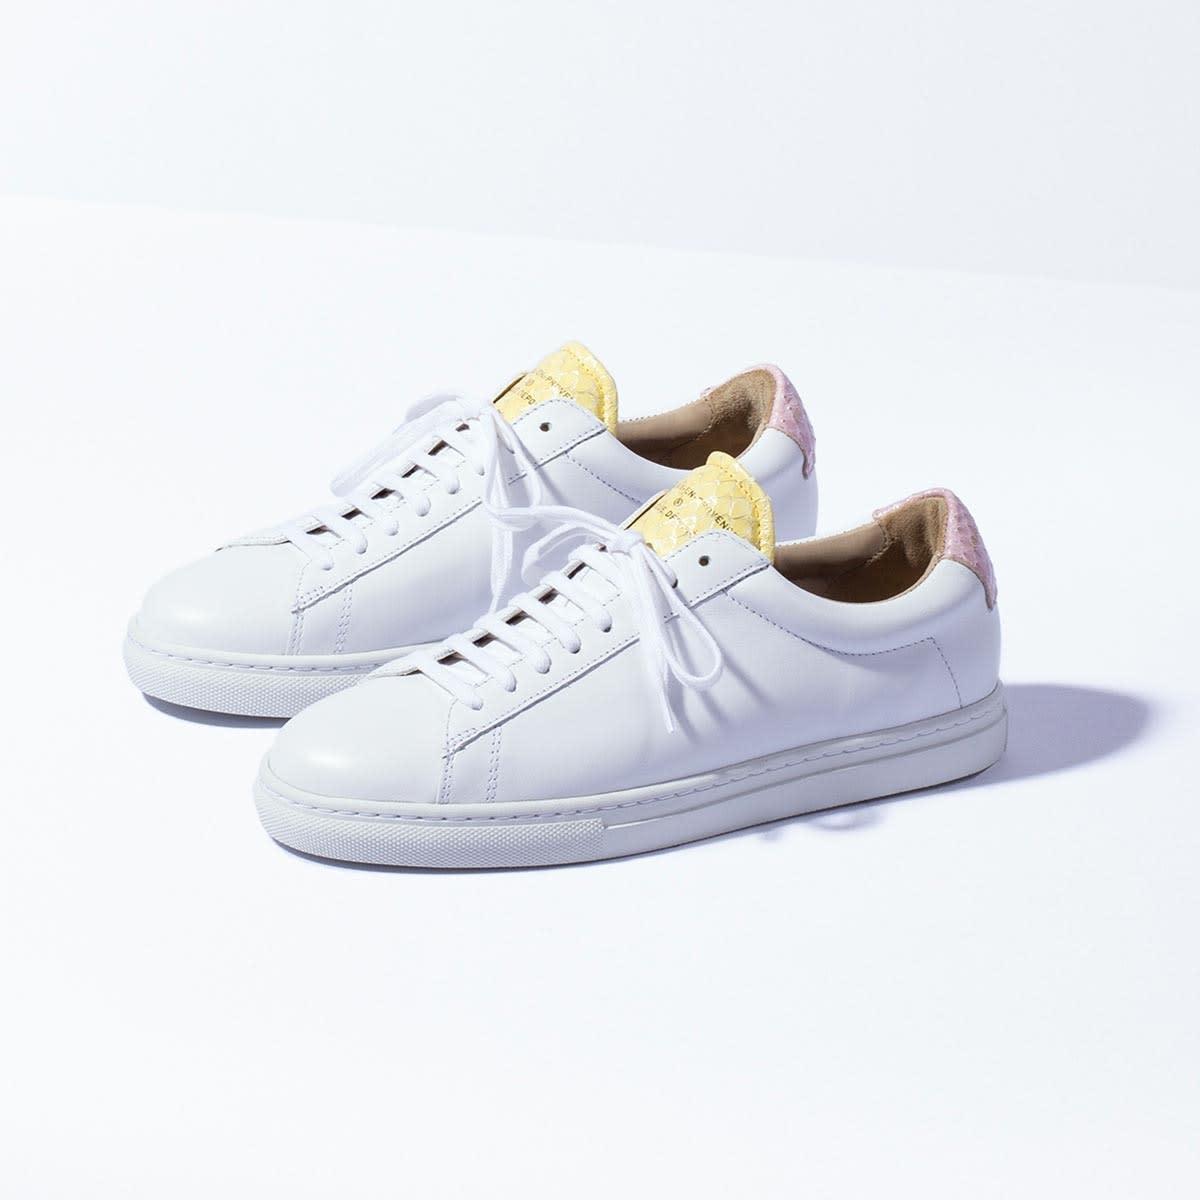 Sneaker S3_64 ZSP4-1